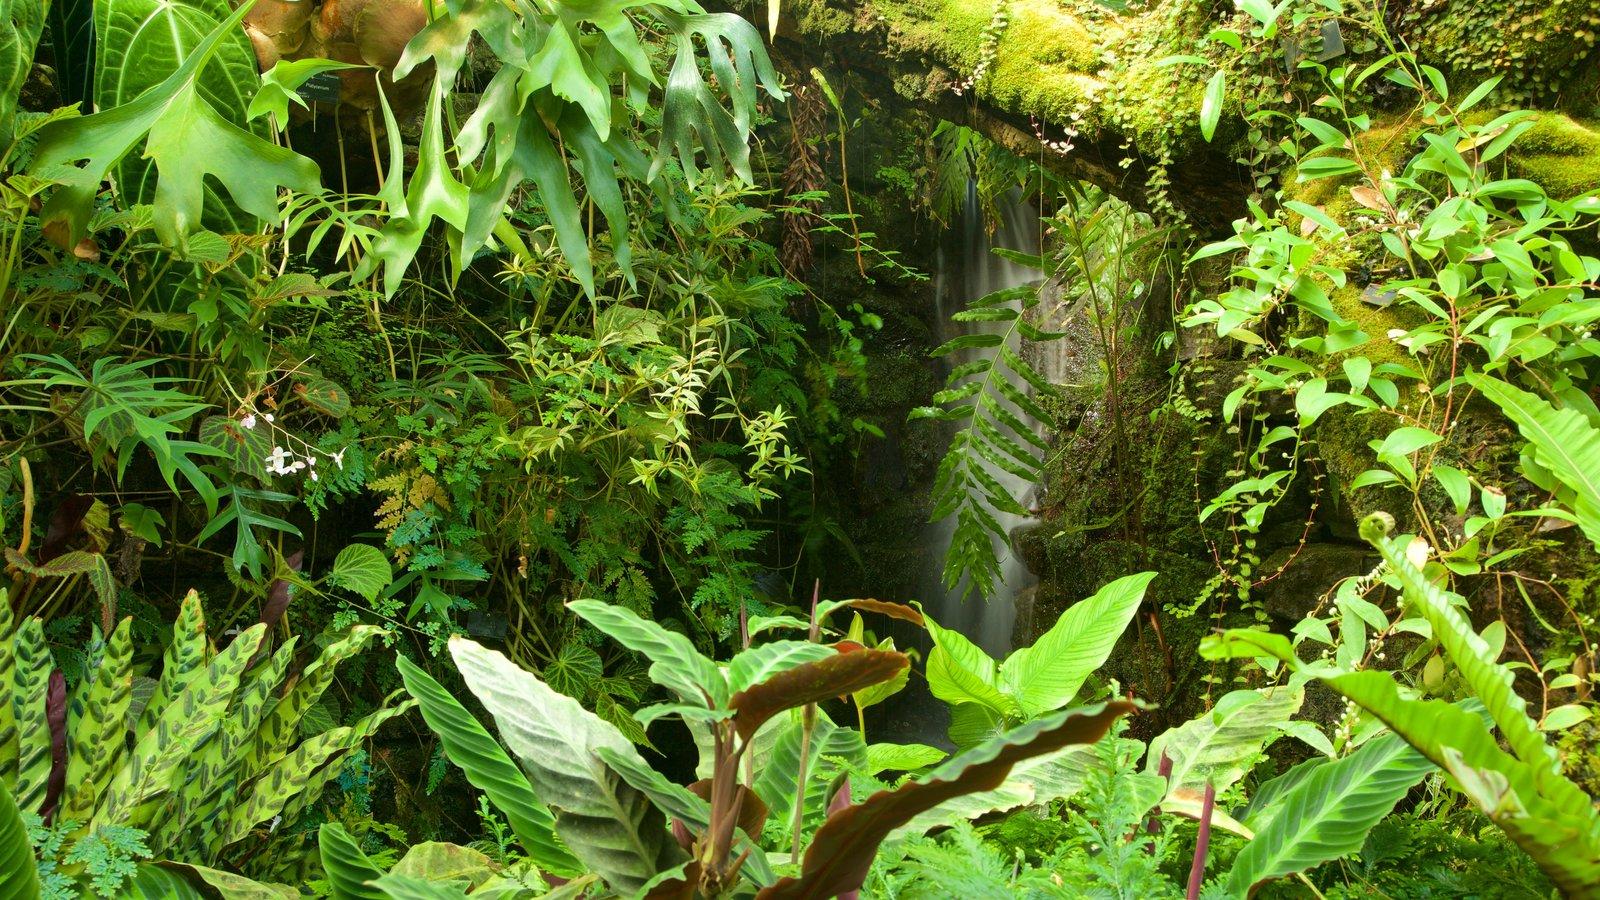 Real Jardín Botánico mostrando escenas tropicales y un parque